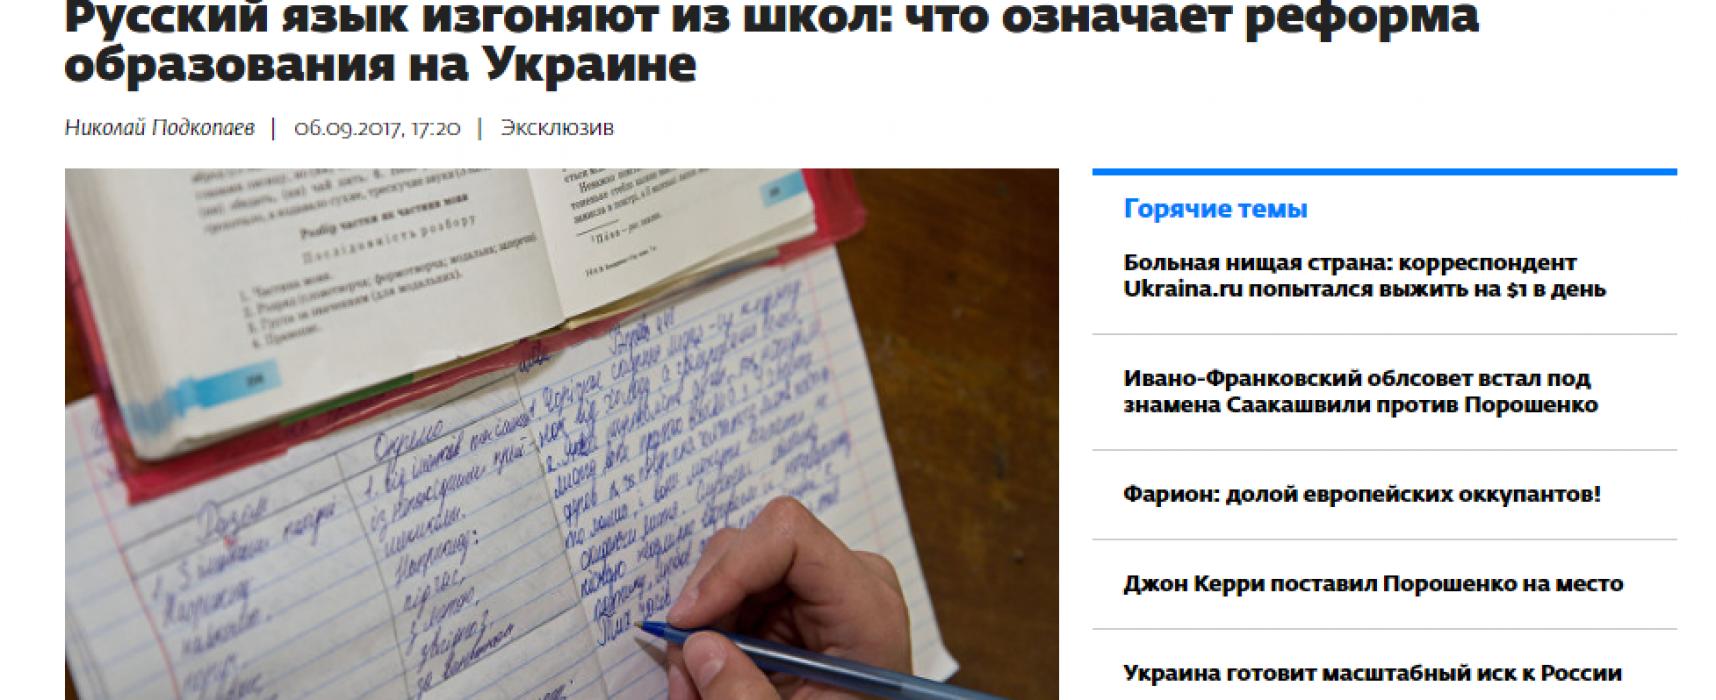 Фейк: Реформа образования — это ущемление языков нацменьшинств Украины